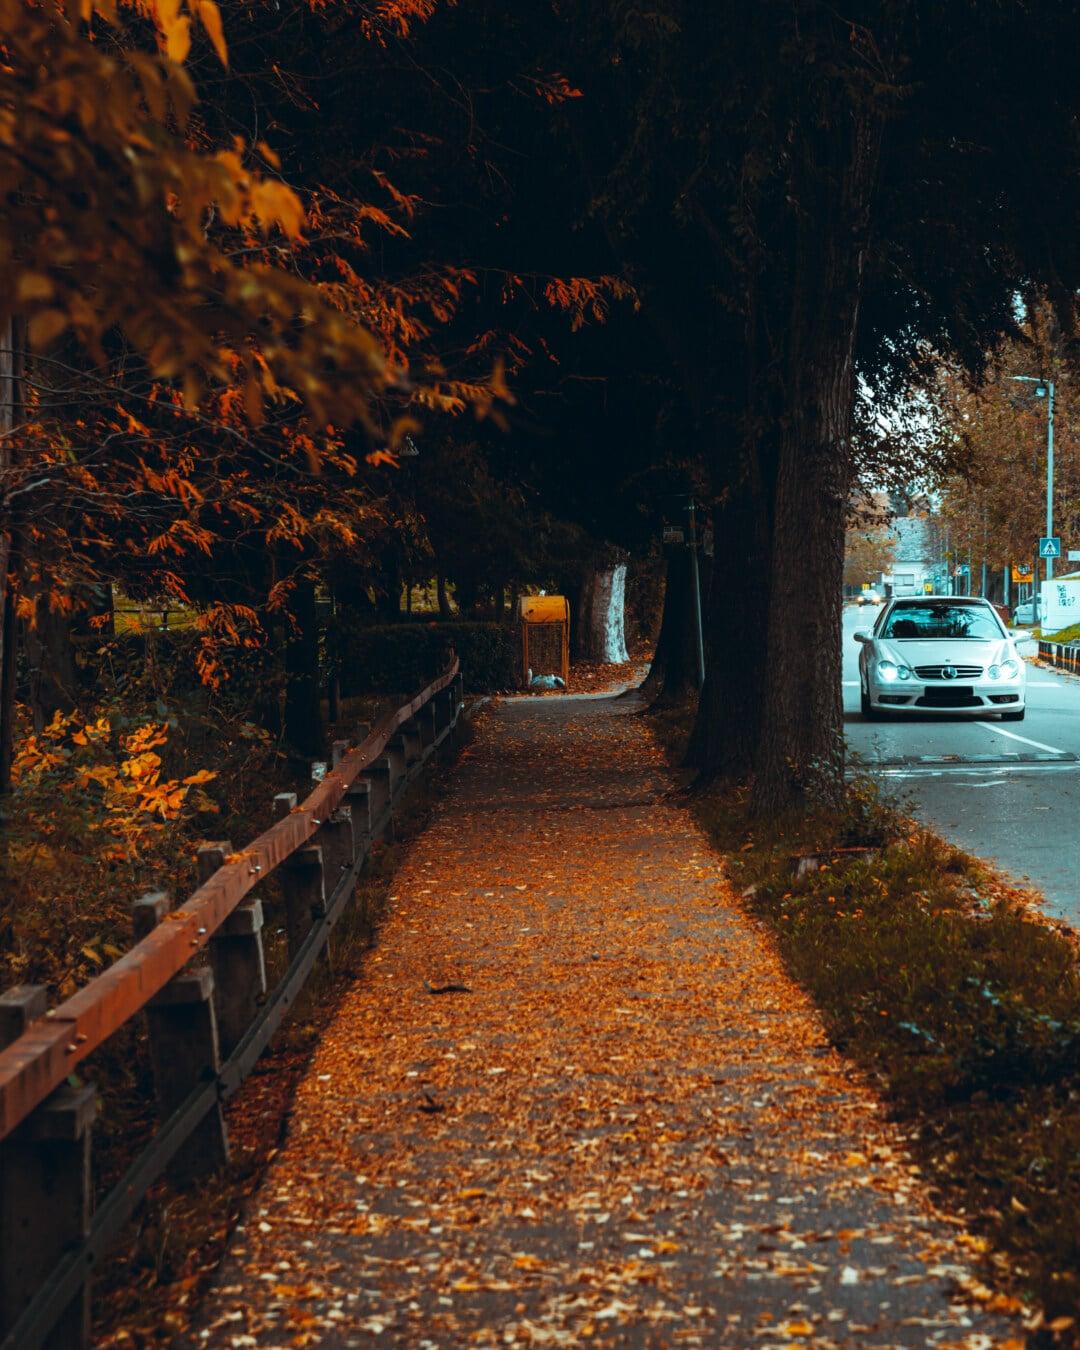 路地, 秋のシーズン, 通り, アスファルト, 道路, 車, 市街地, 木, ツリー, 道路